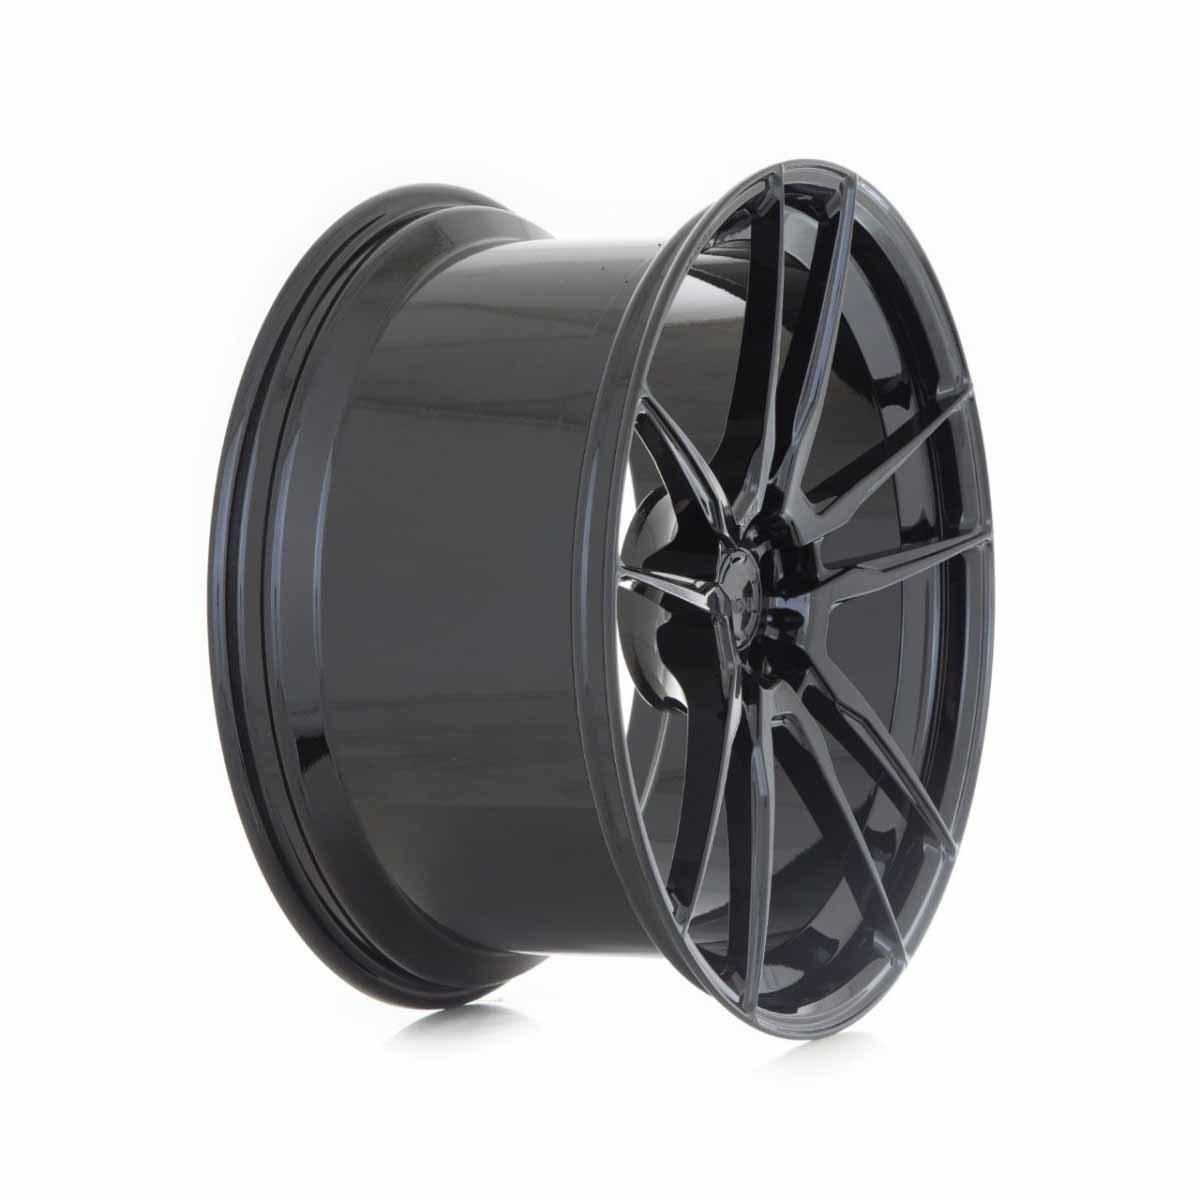 ADV.1 ADV5.2 M.V1 (CS Series) forged wheels